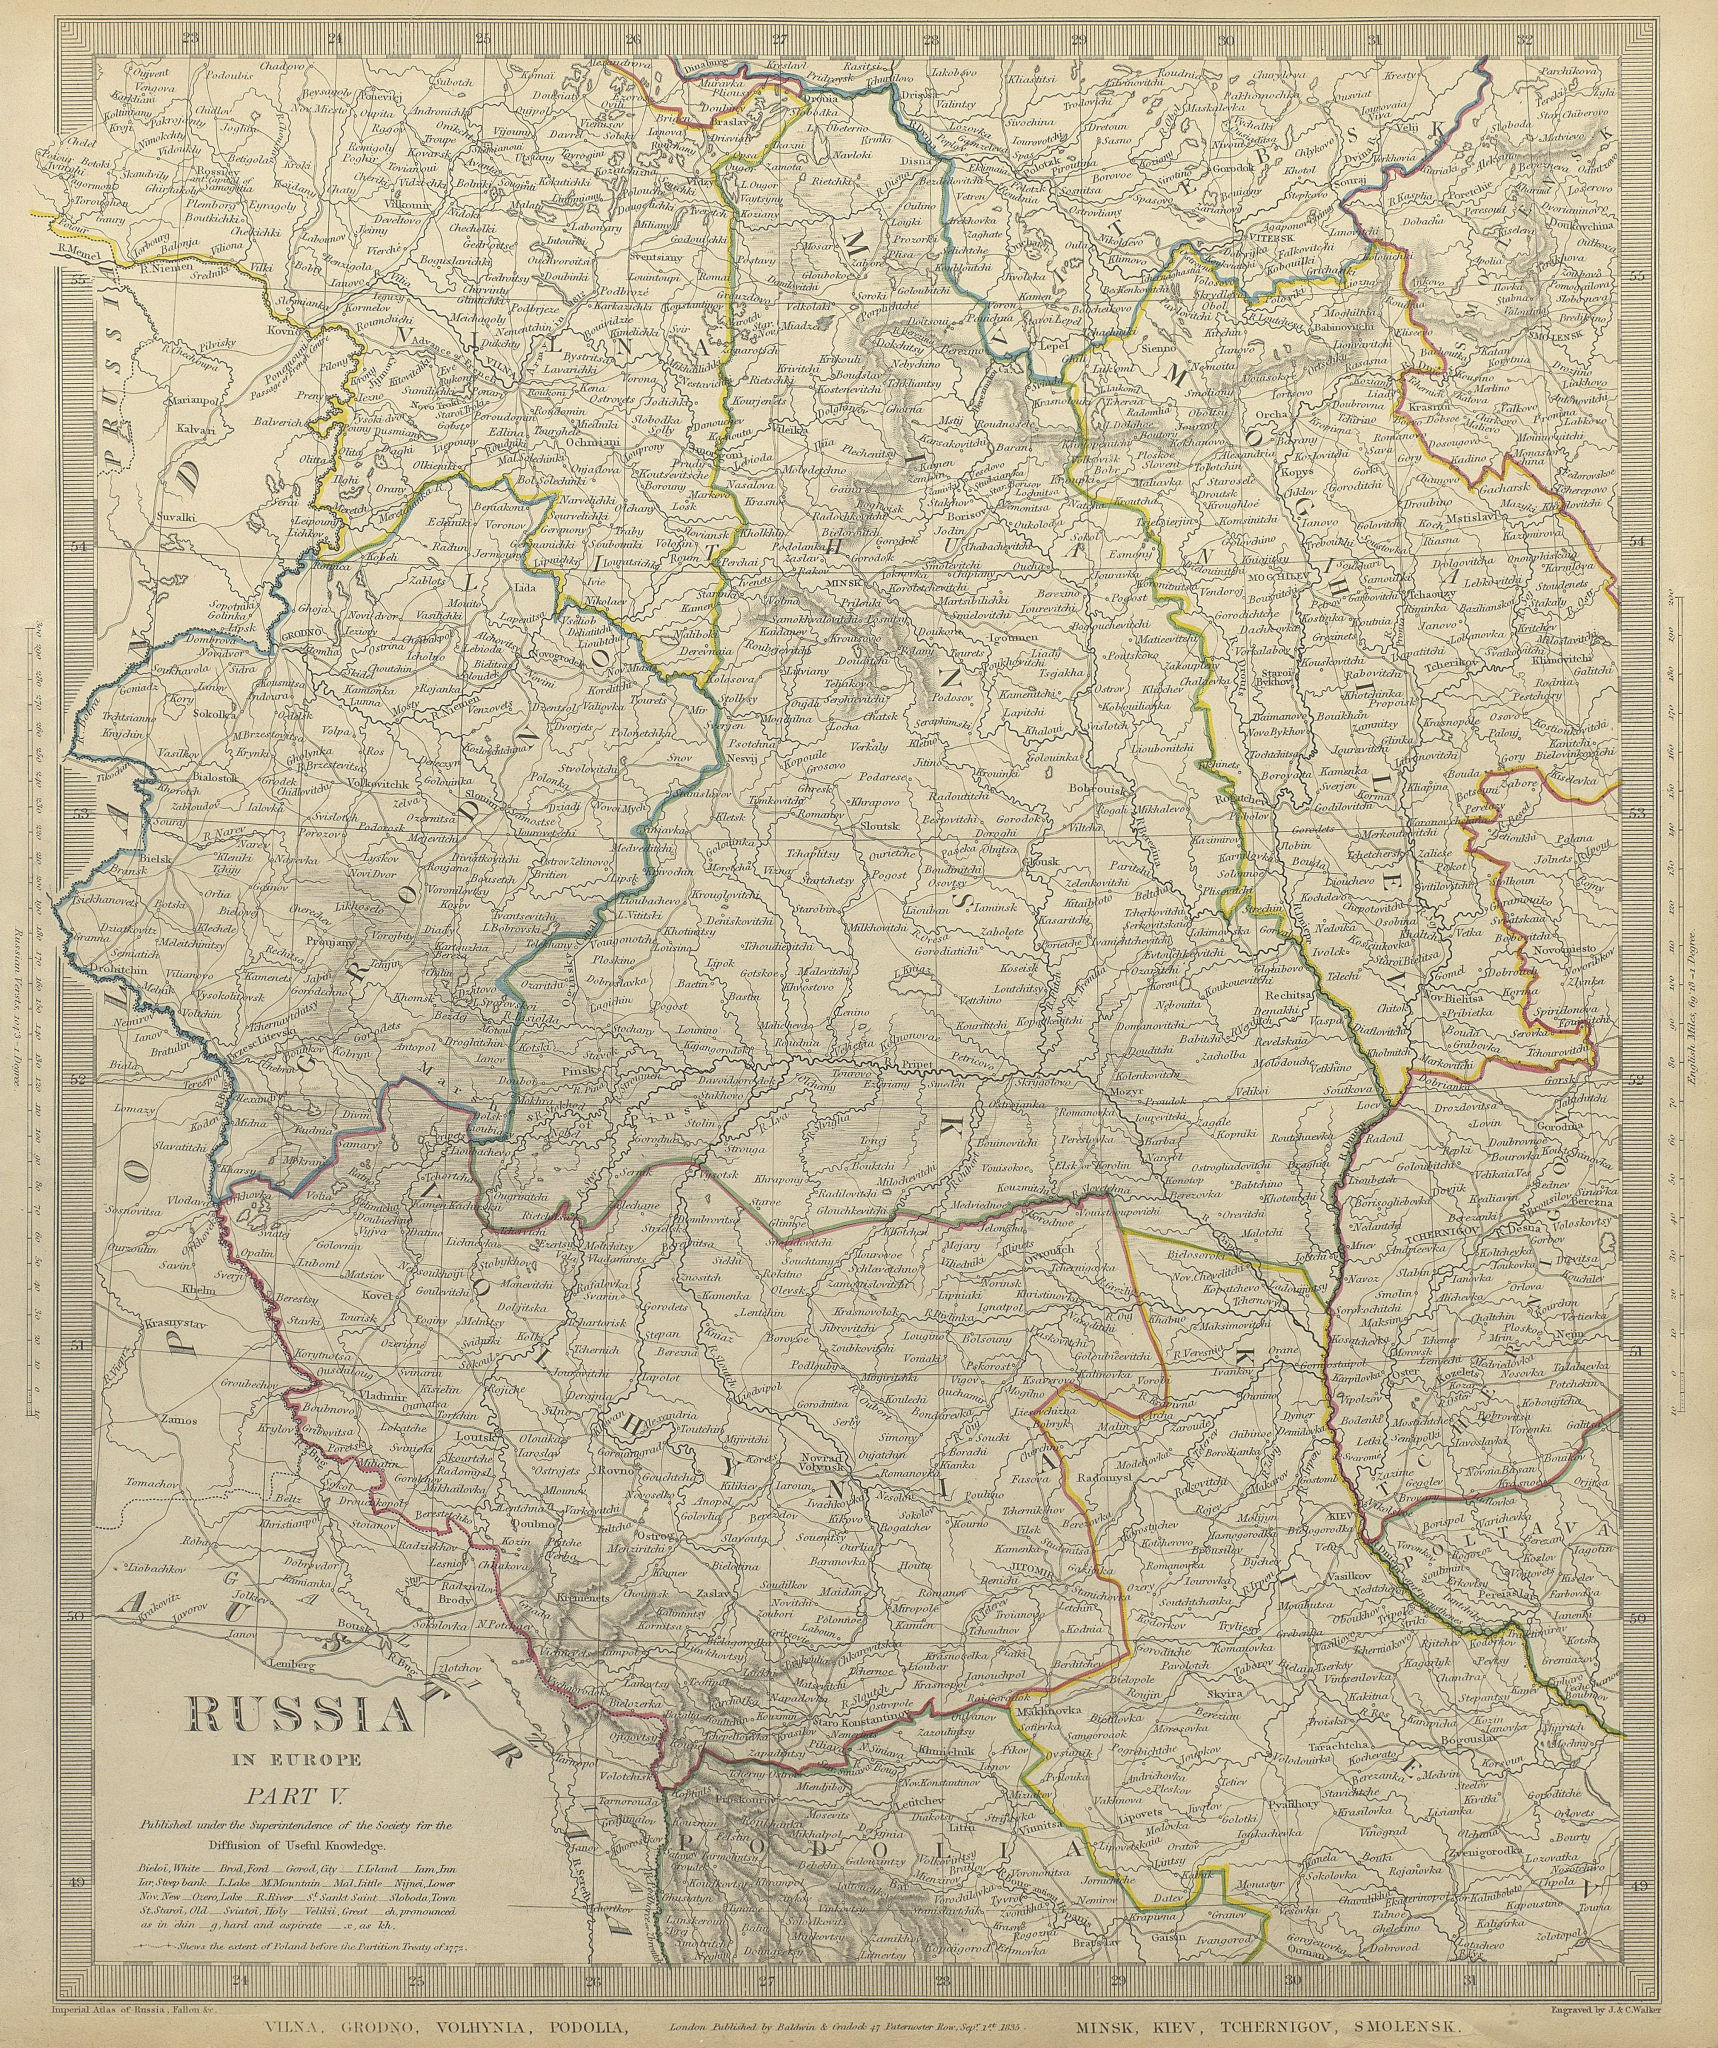 Associate Product EASTERN EUROPE.Vilna Grodno Volhynia Podoiva Minsk Kiev Smolensk.SDUK 1844 map